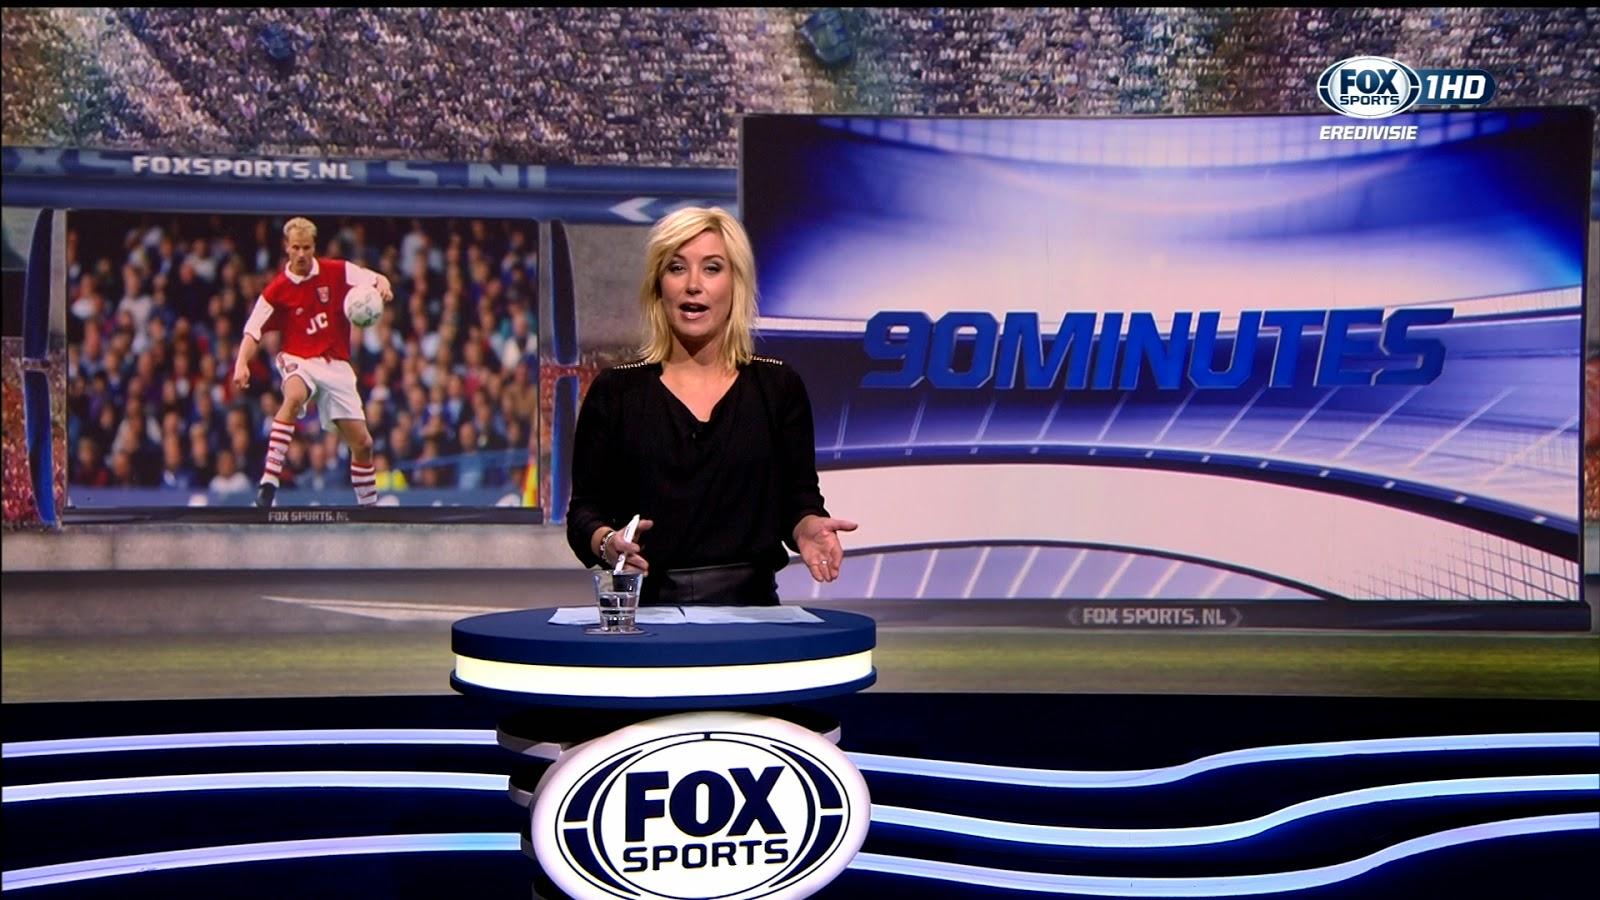 voetbal op tv vandaag live